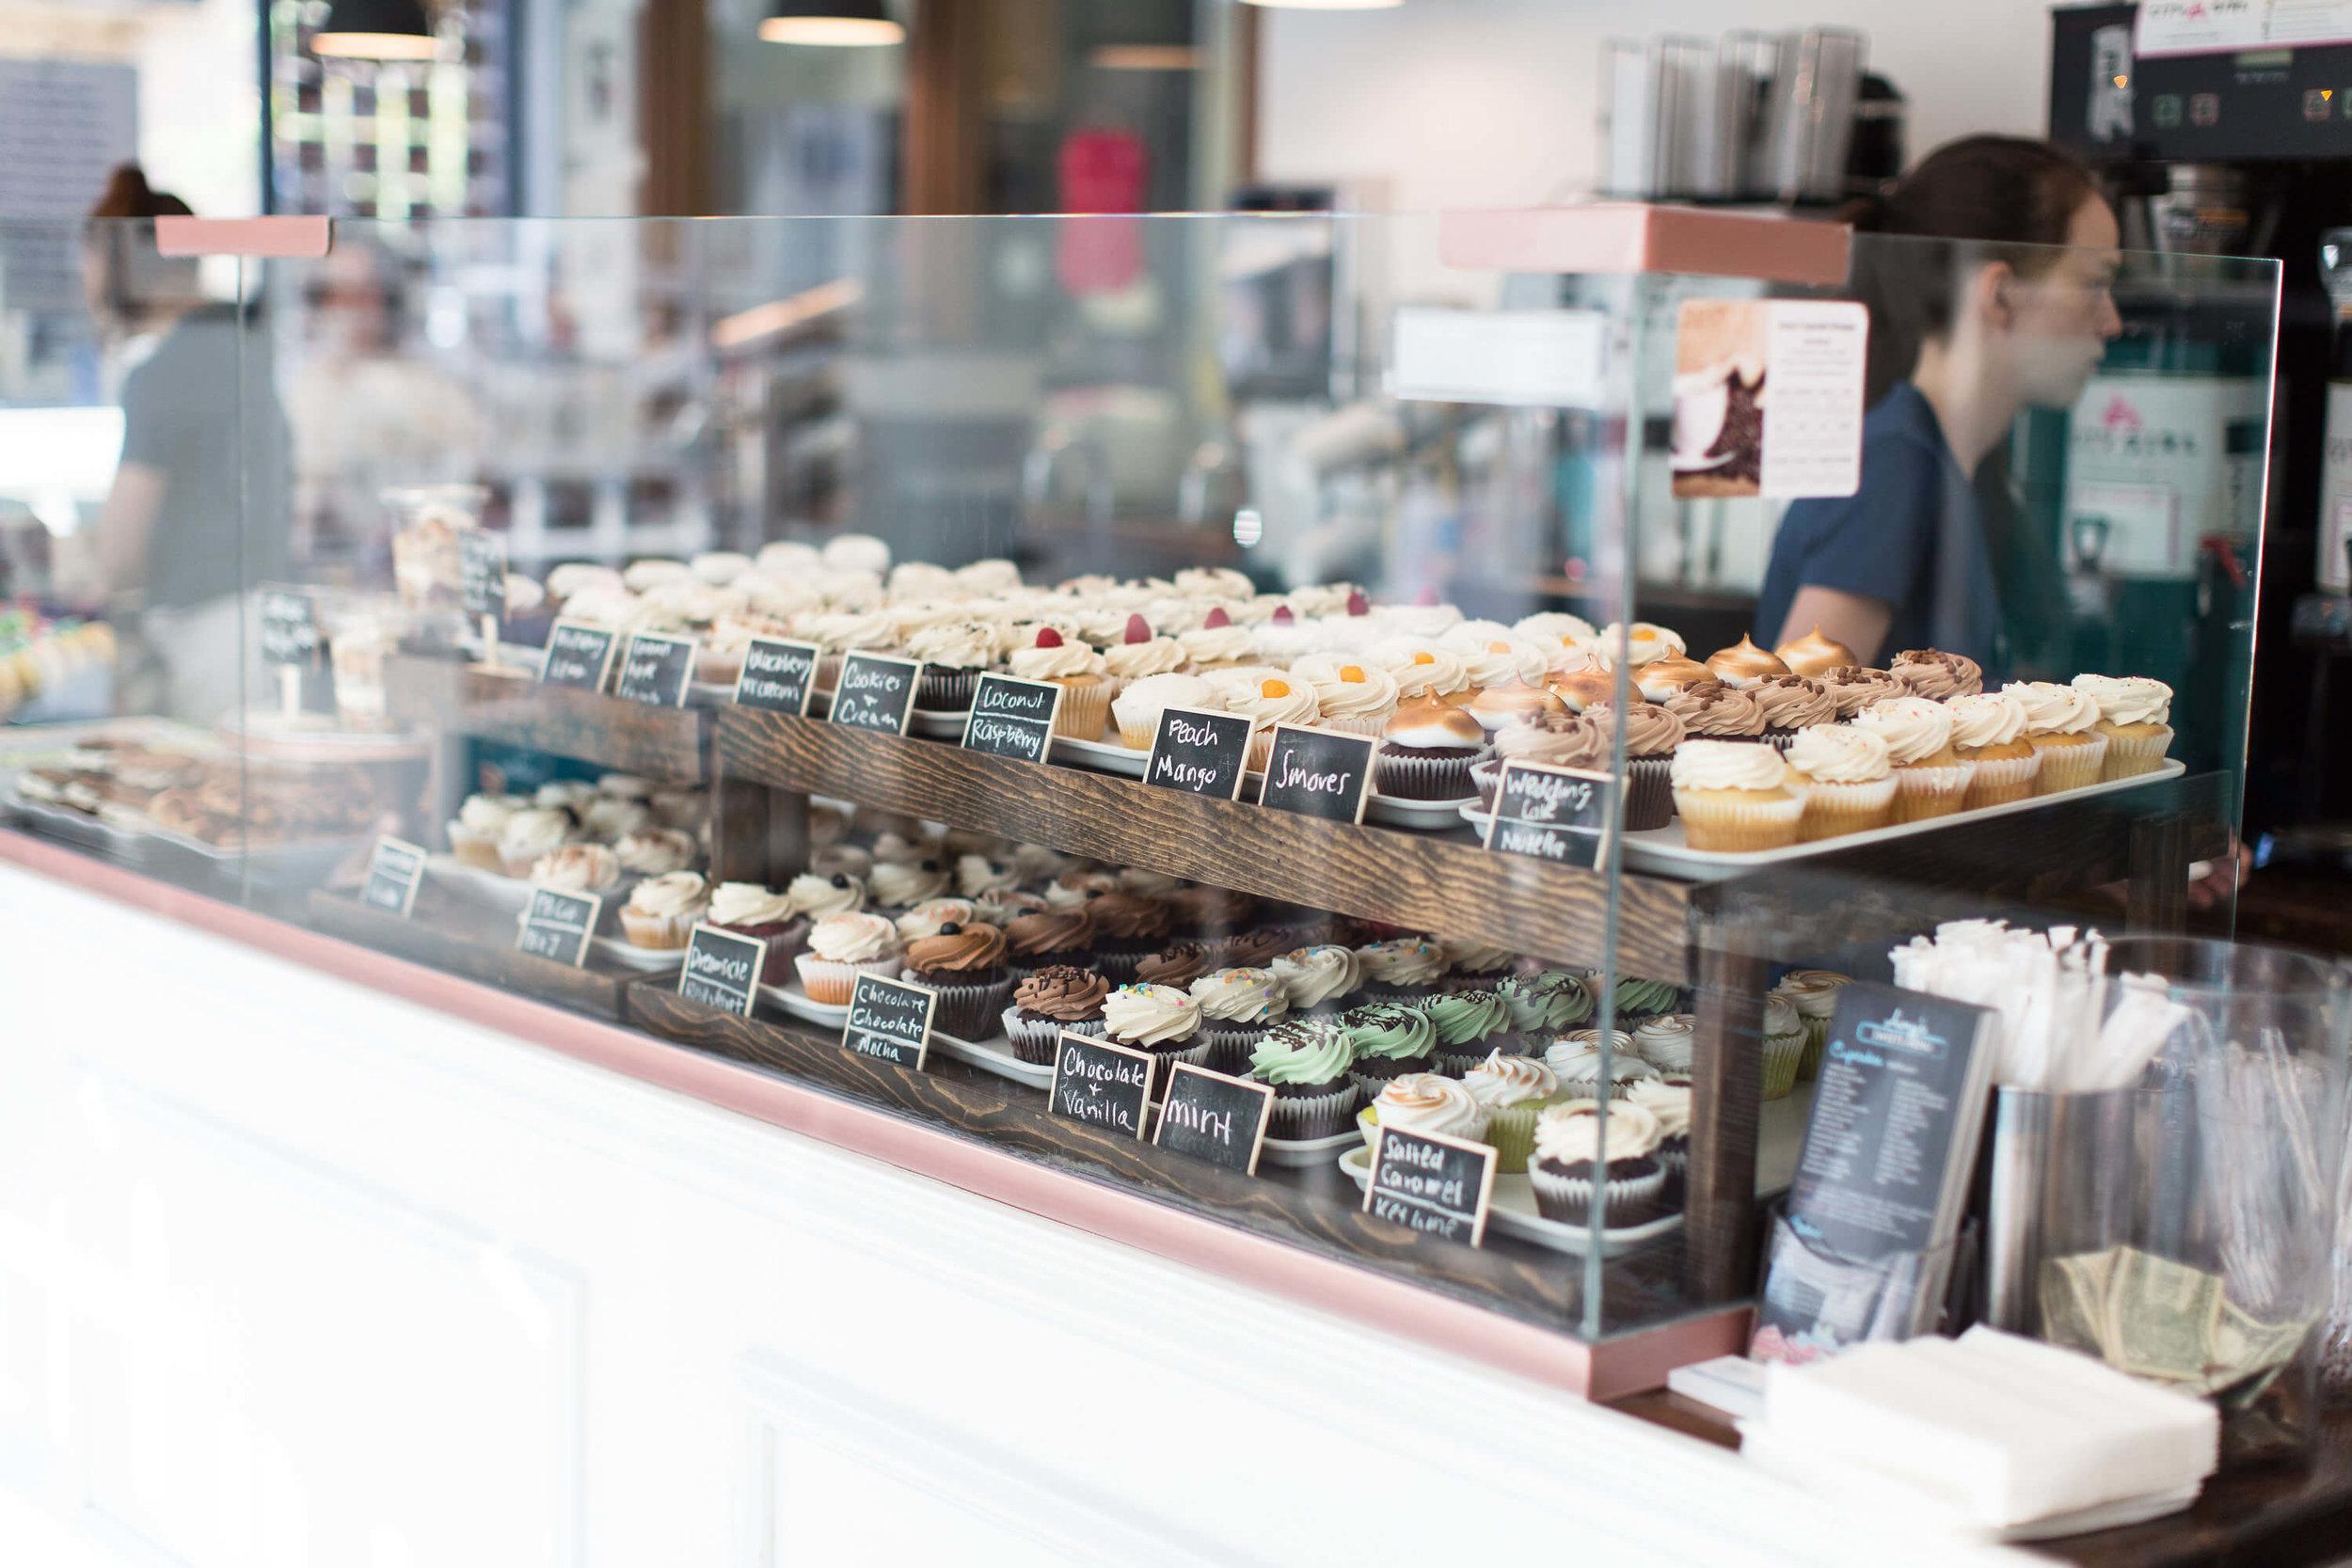 engle-olson-ashley-elwill-photography-amys-cupcake-shoppe-one-year-1.jpg